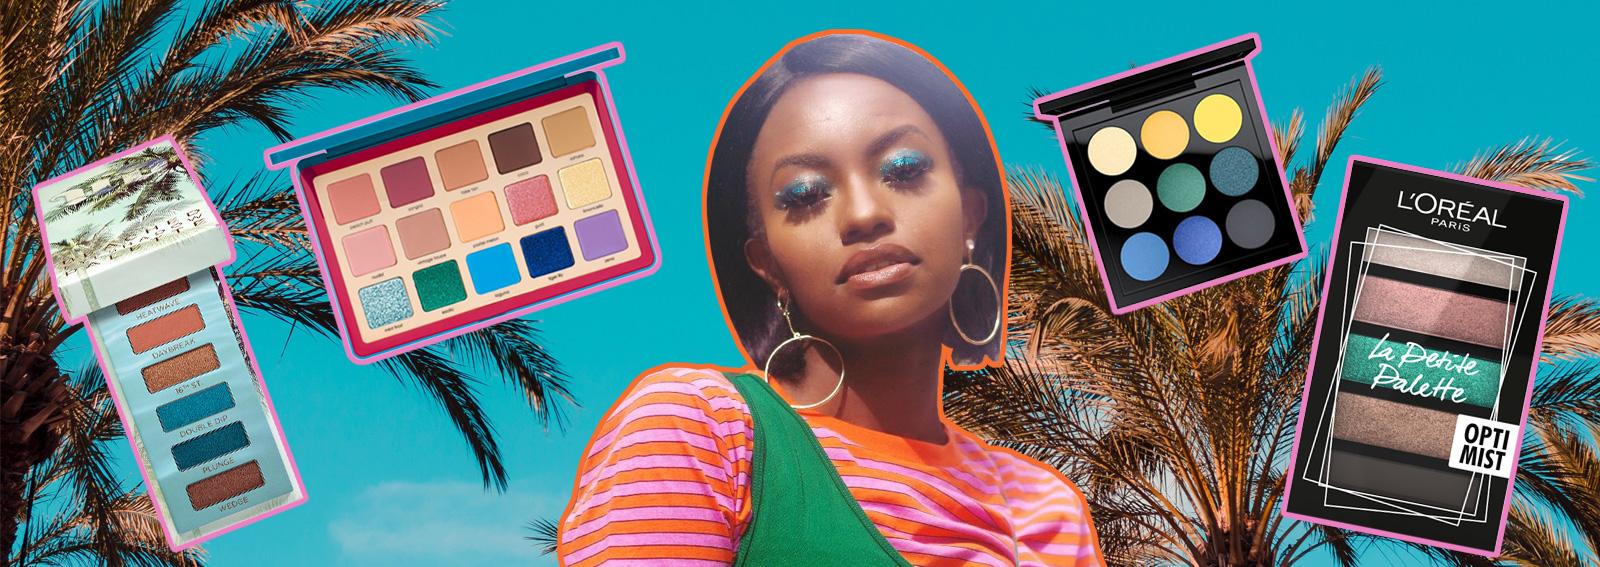 Trucco tropical: il make up estivo più vivace che vi farà sentire già in vacanza